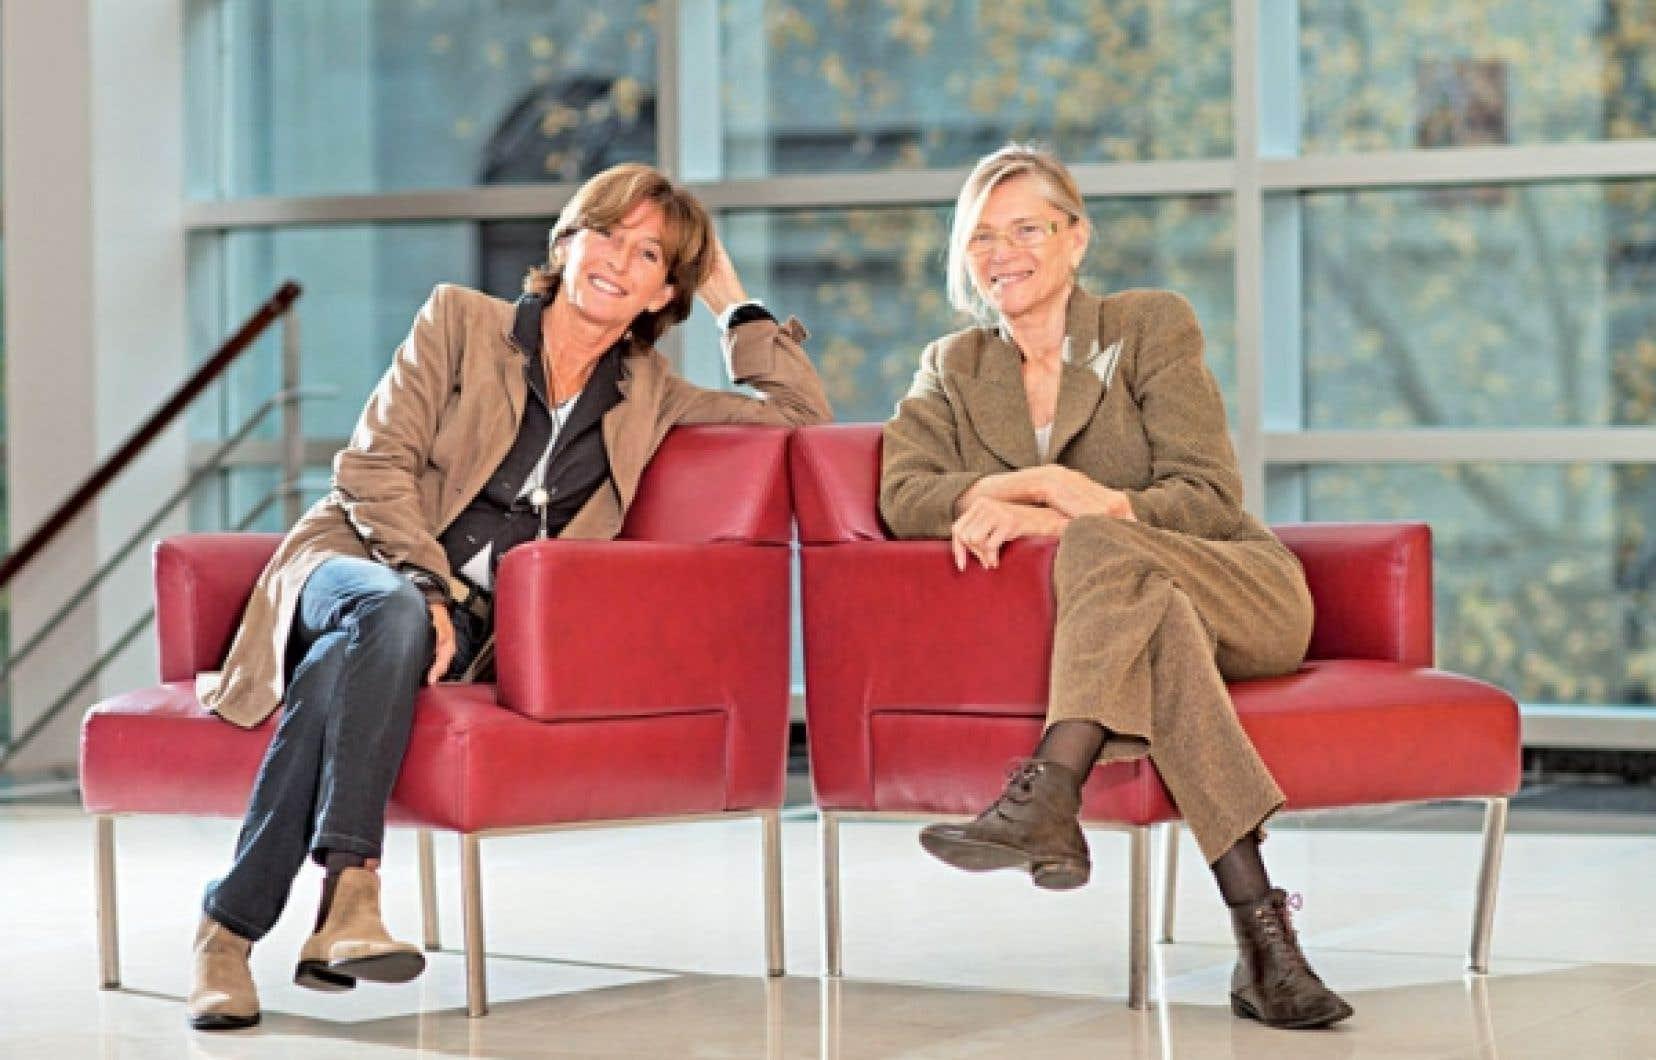 Natalie Carter et Annie Miller sont à Montréal dans le cadre de Cinemania. Elles seront à la projection du dernier film de Claude Miller, Thérèse Desqueyroux.